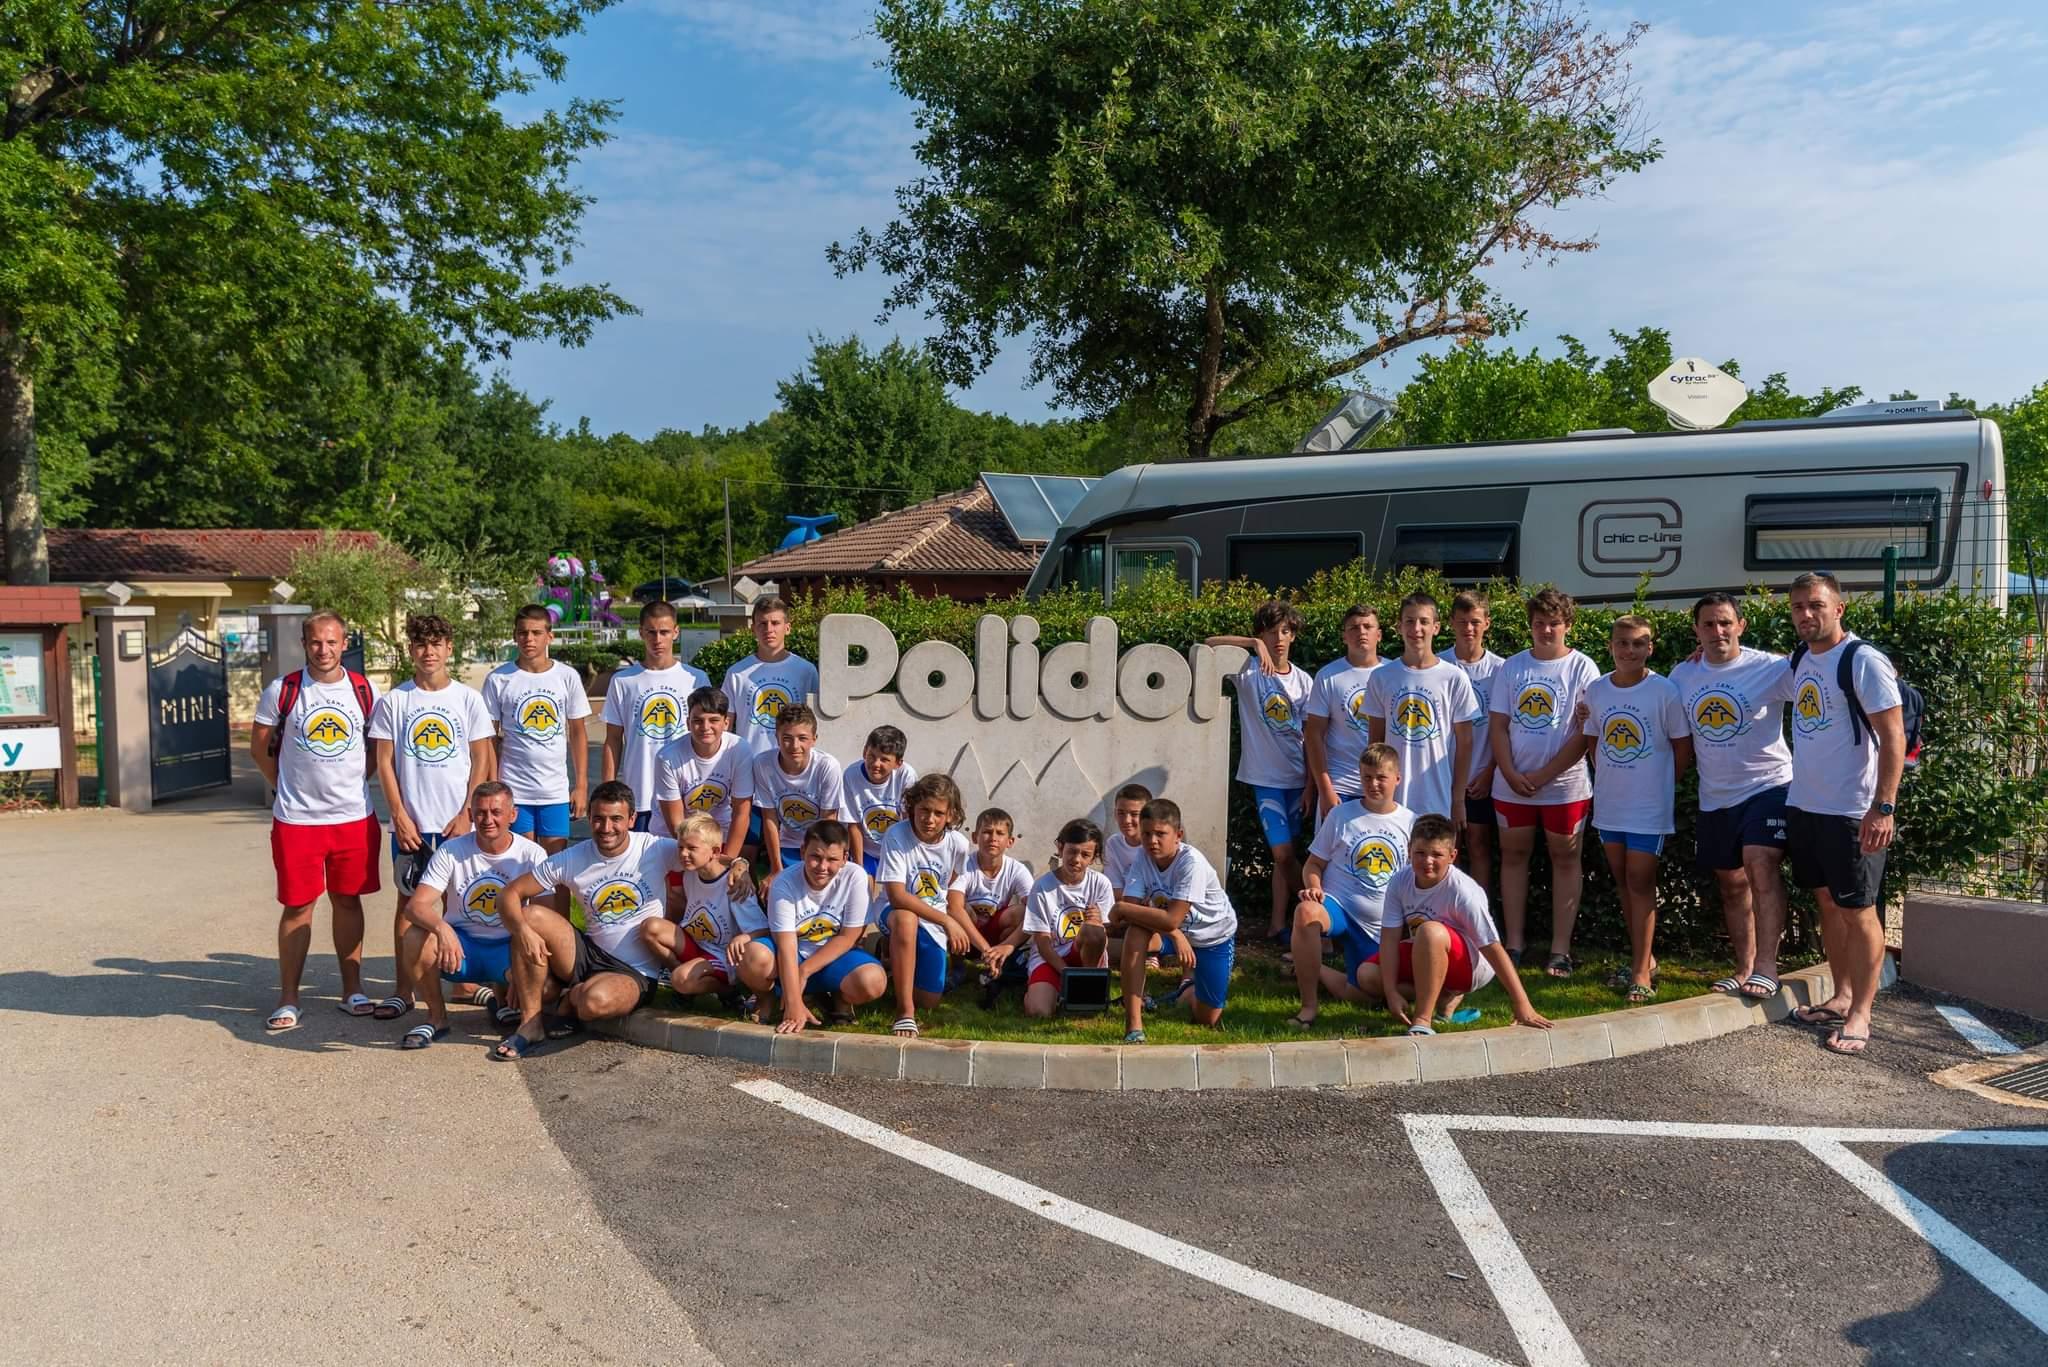 Sportska Hrvatska Hrvacki klub Porec organizirao 1. hrvacki ljetni kamp u kampu Polidor u Funtani